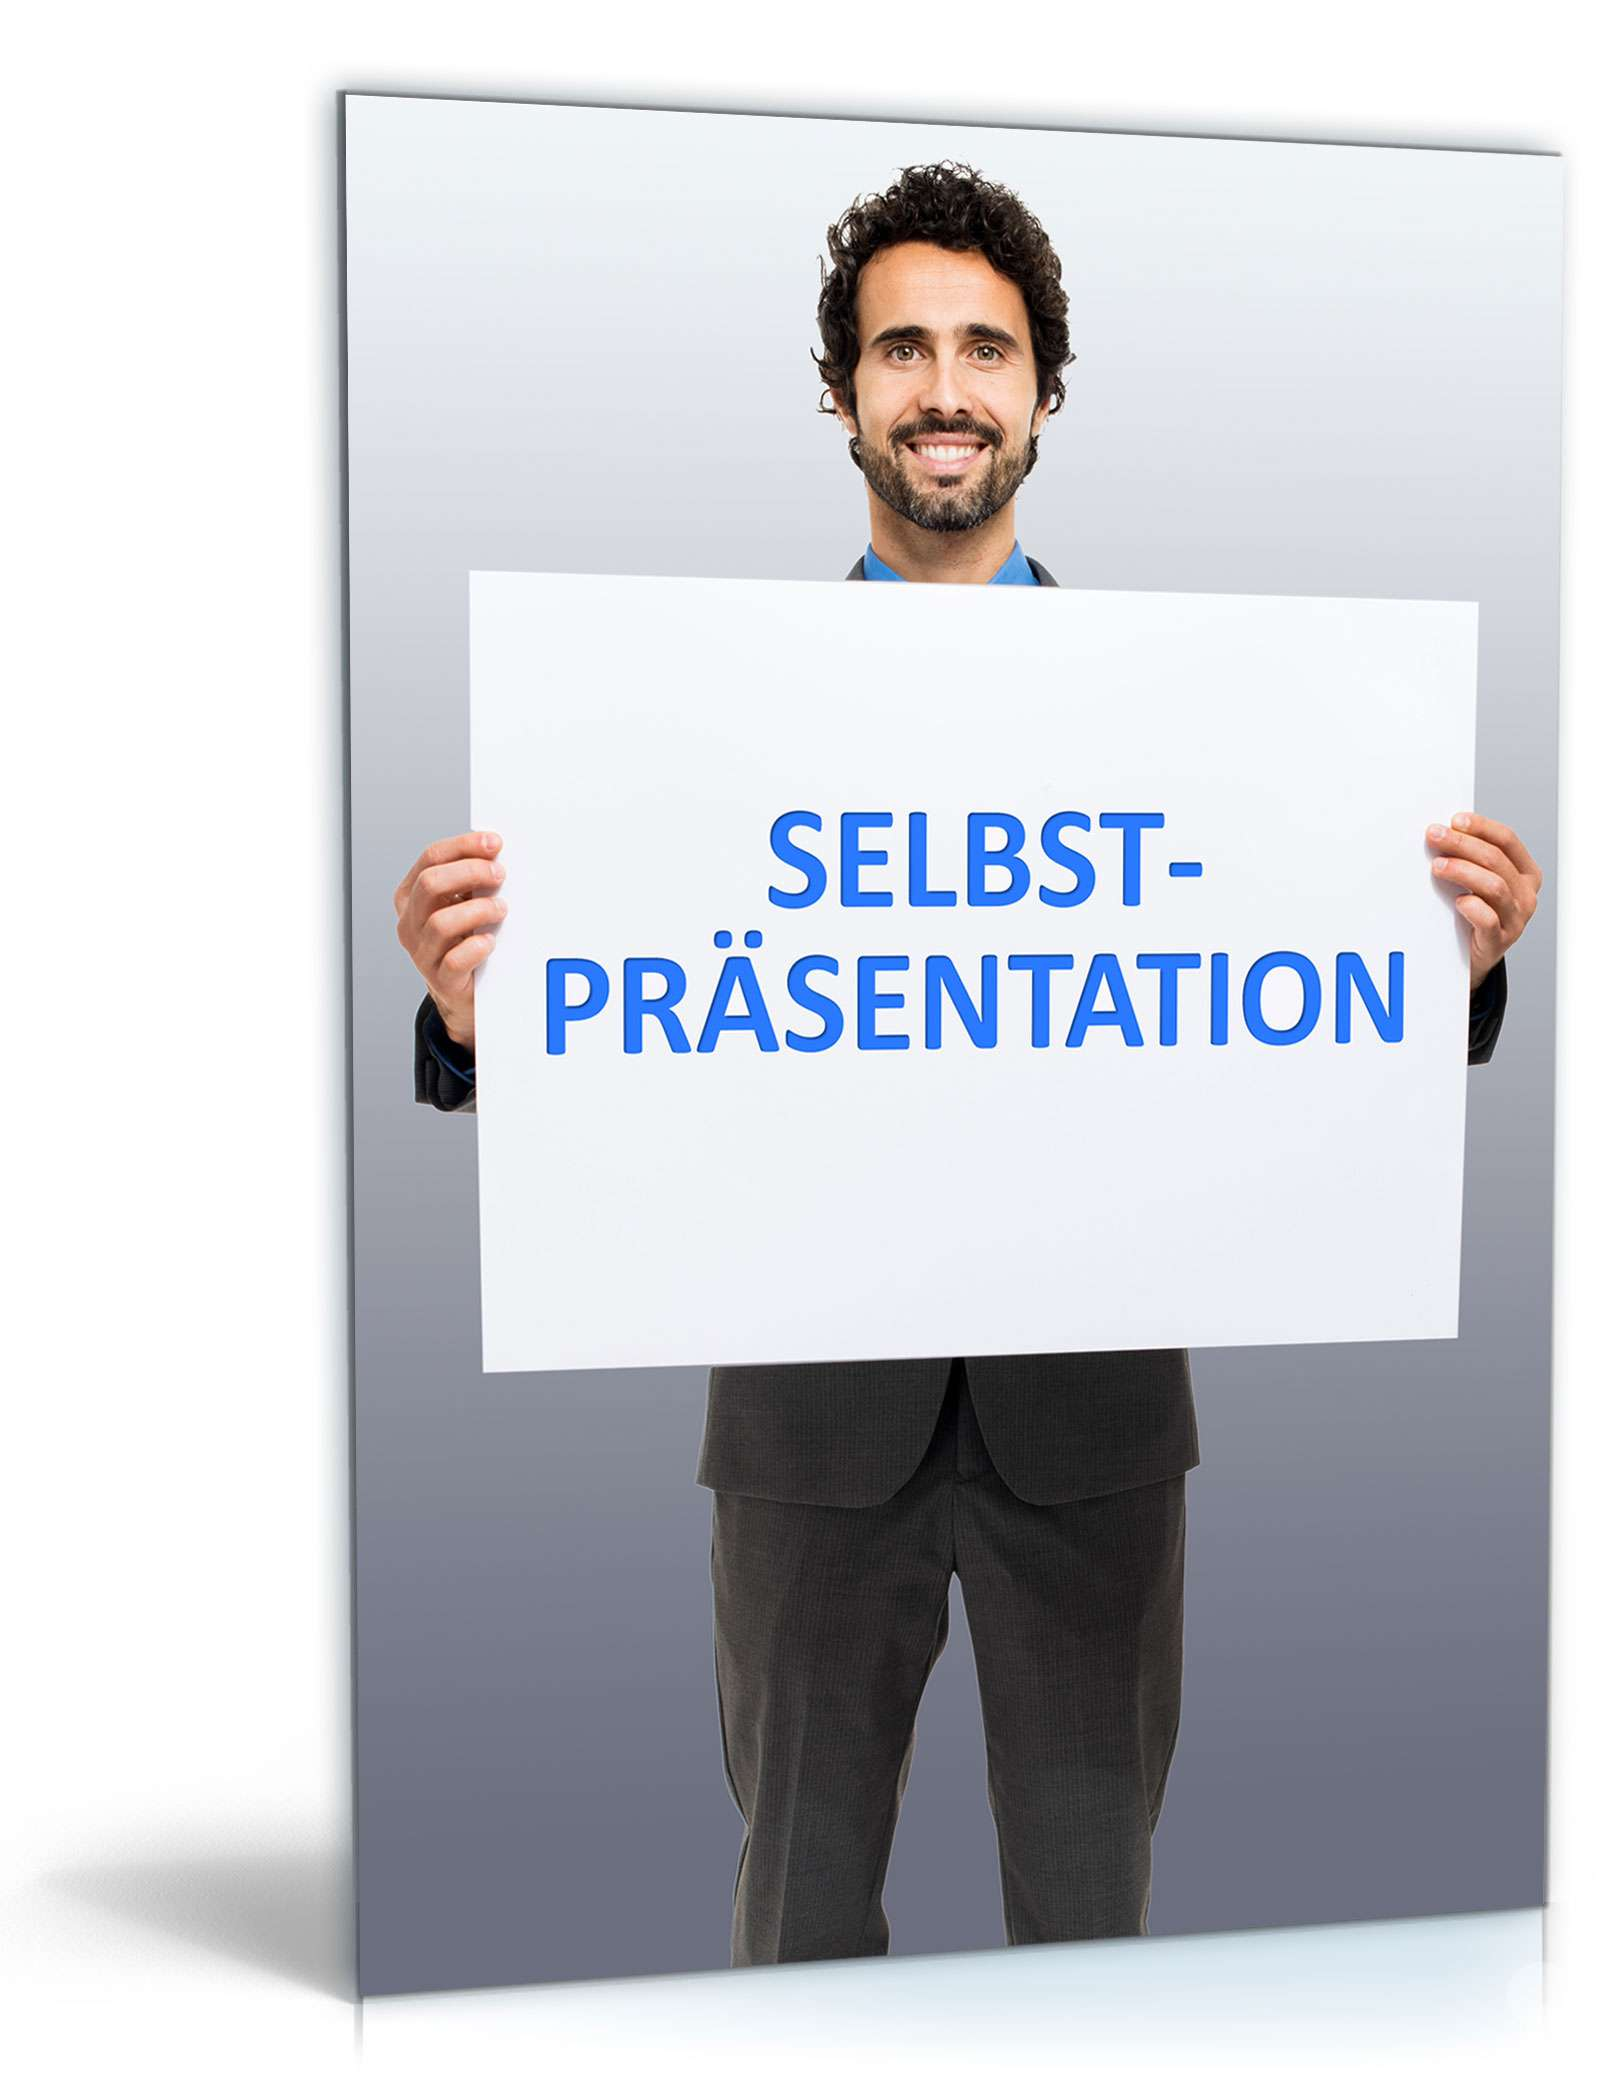 powerpoint vorlage selbstprsentation - Selbstprasentation Powerpoint Muster